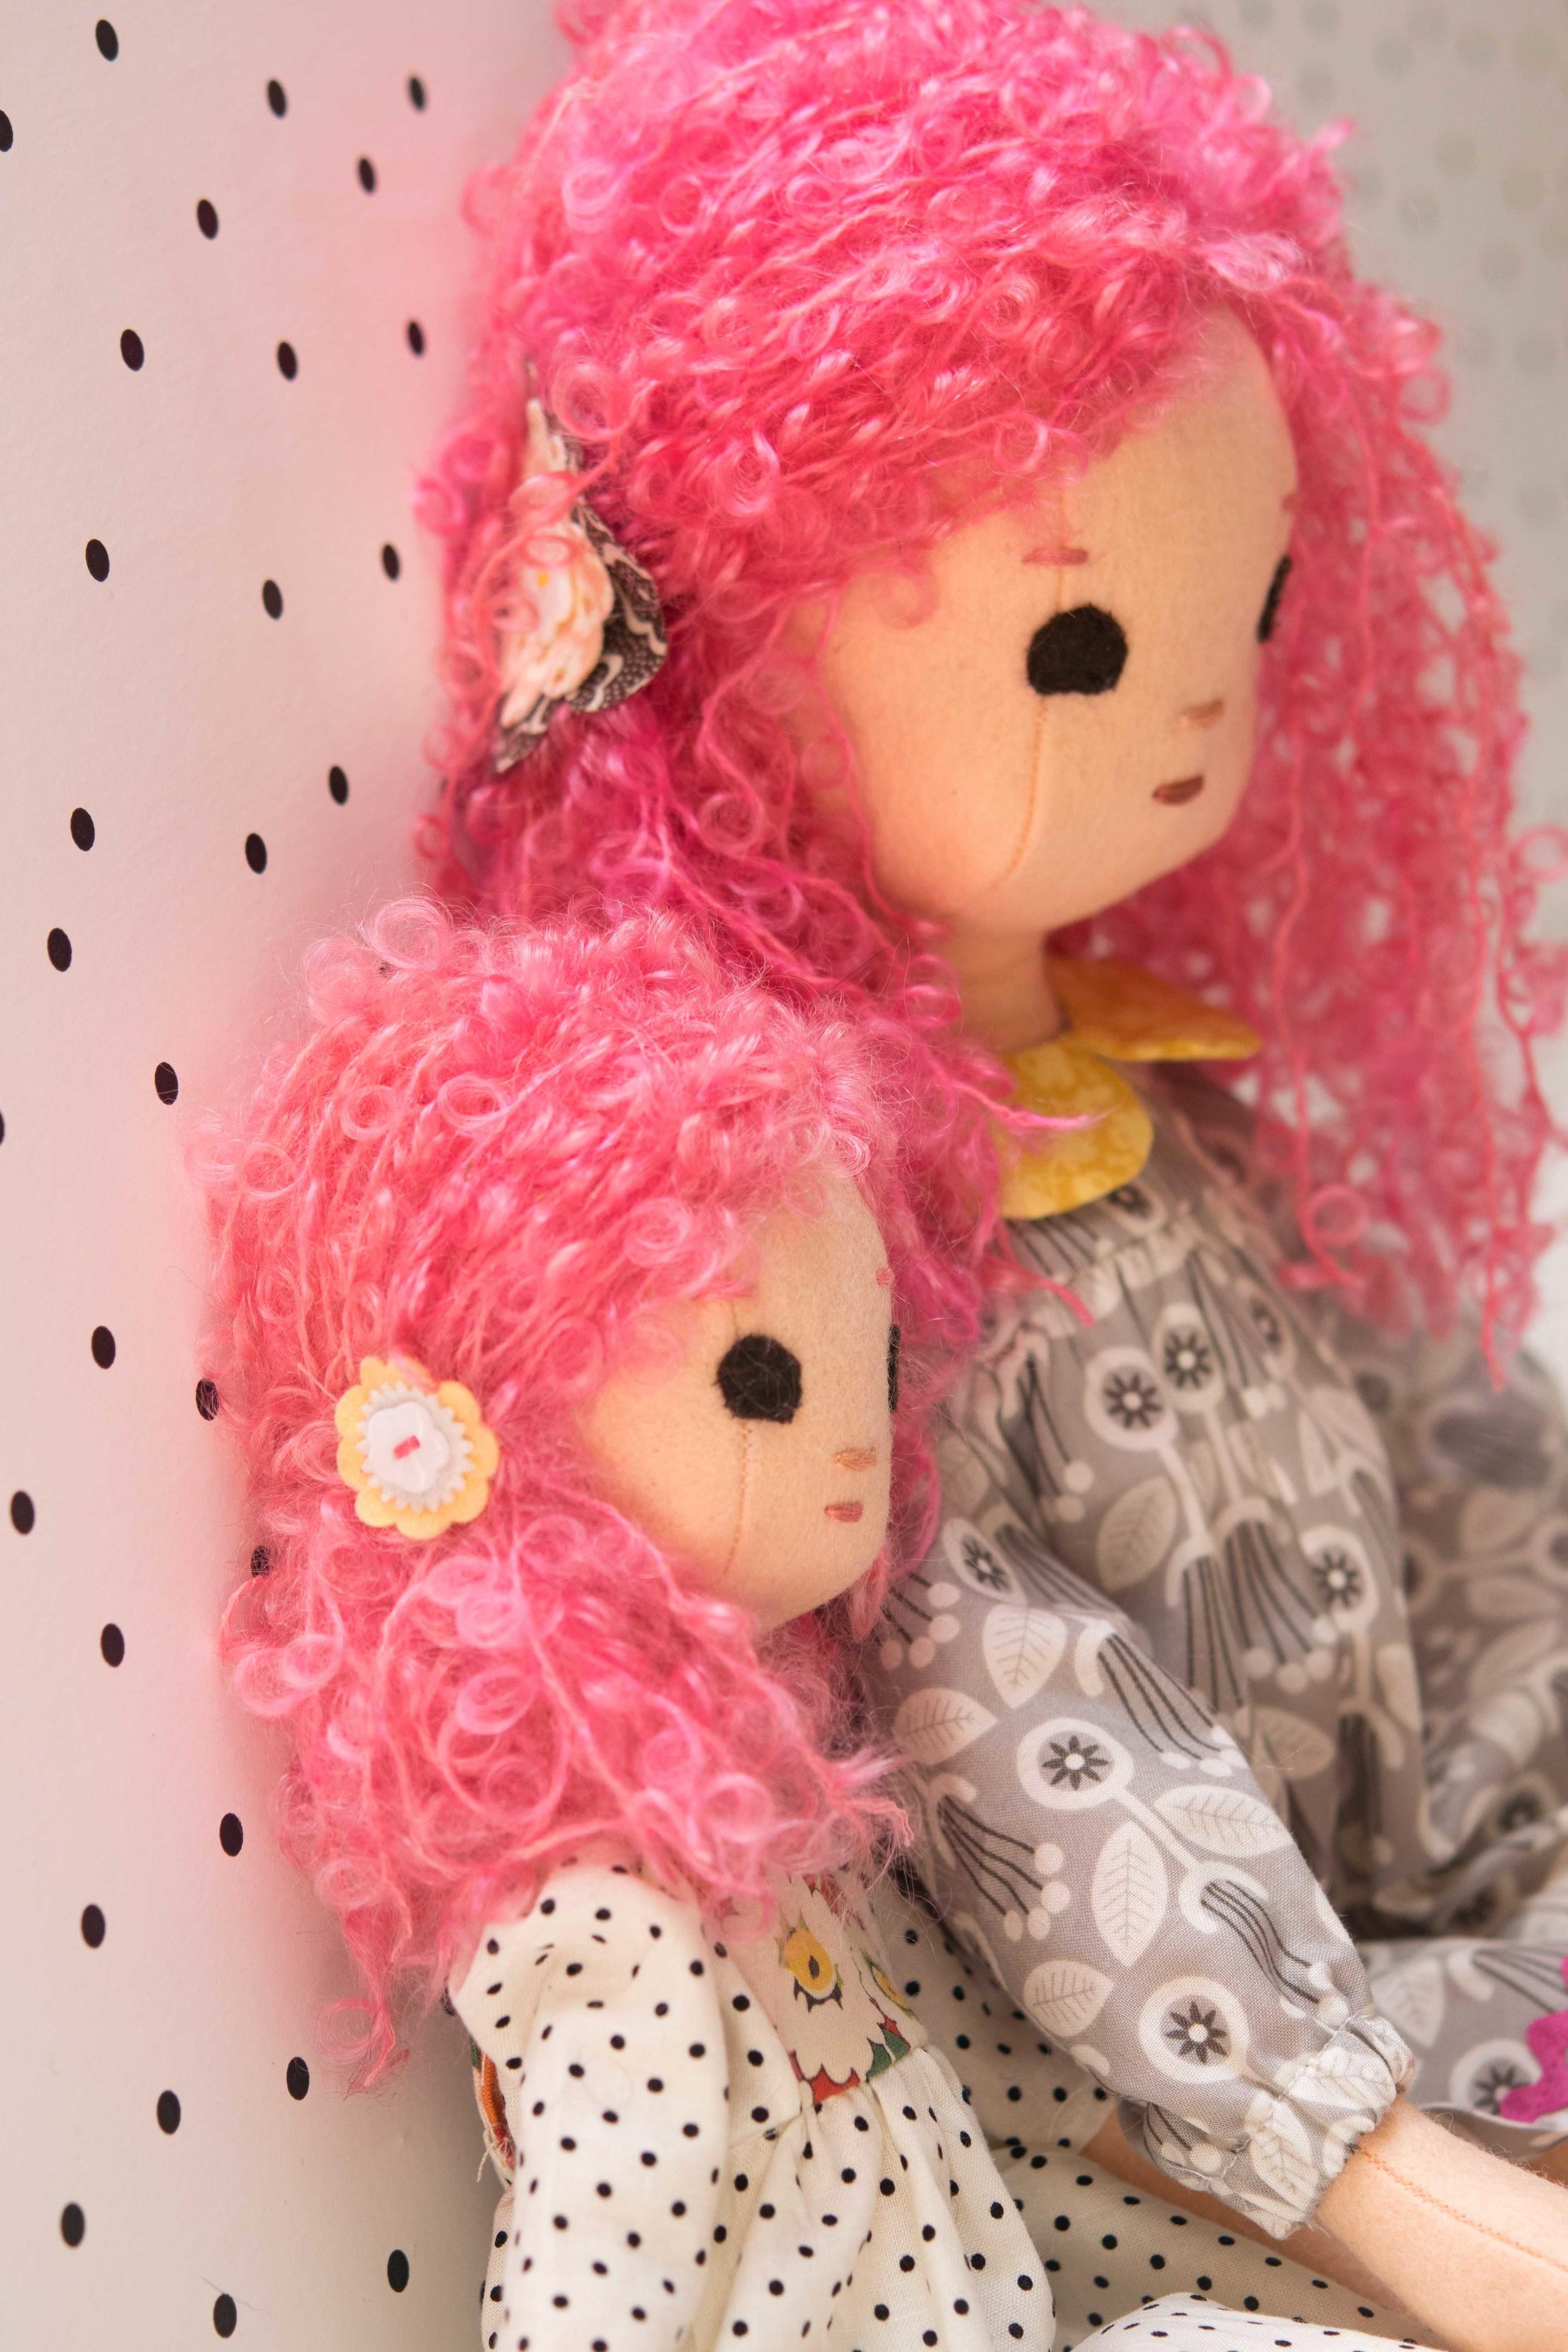 ExtraSmall Phoebe and Regular Sized Phoebe